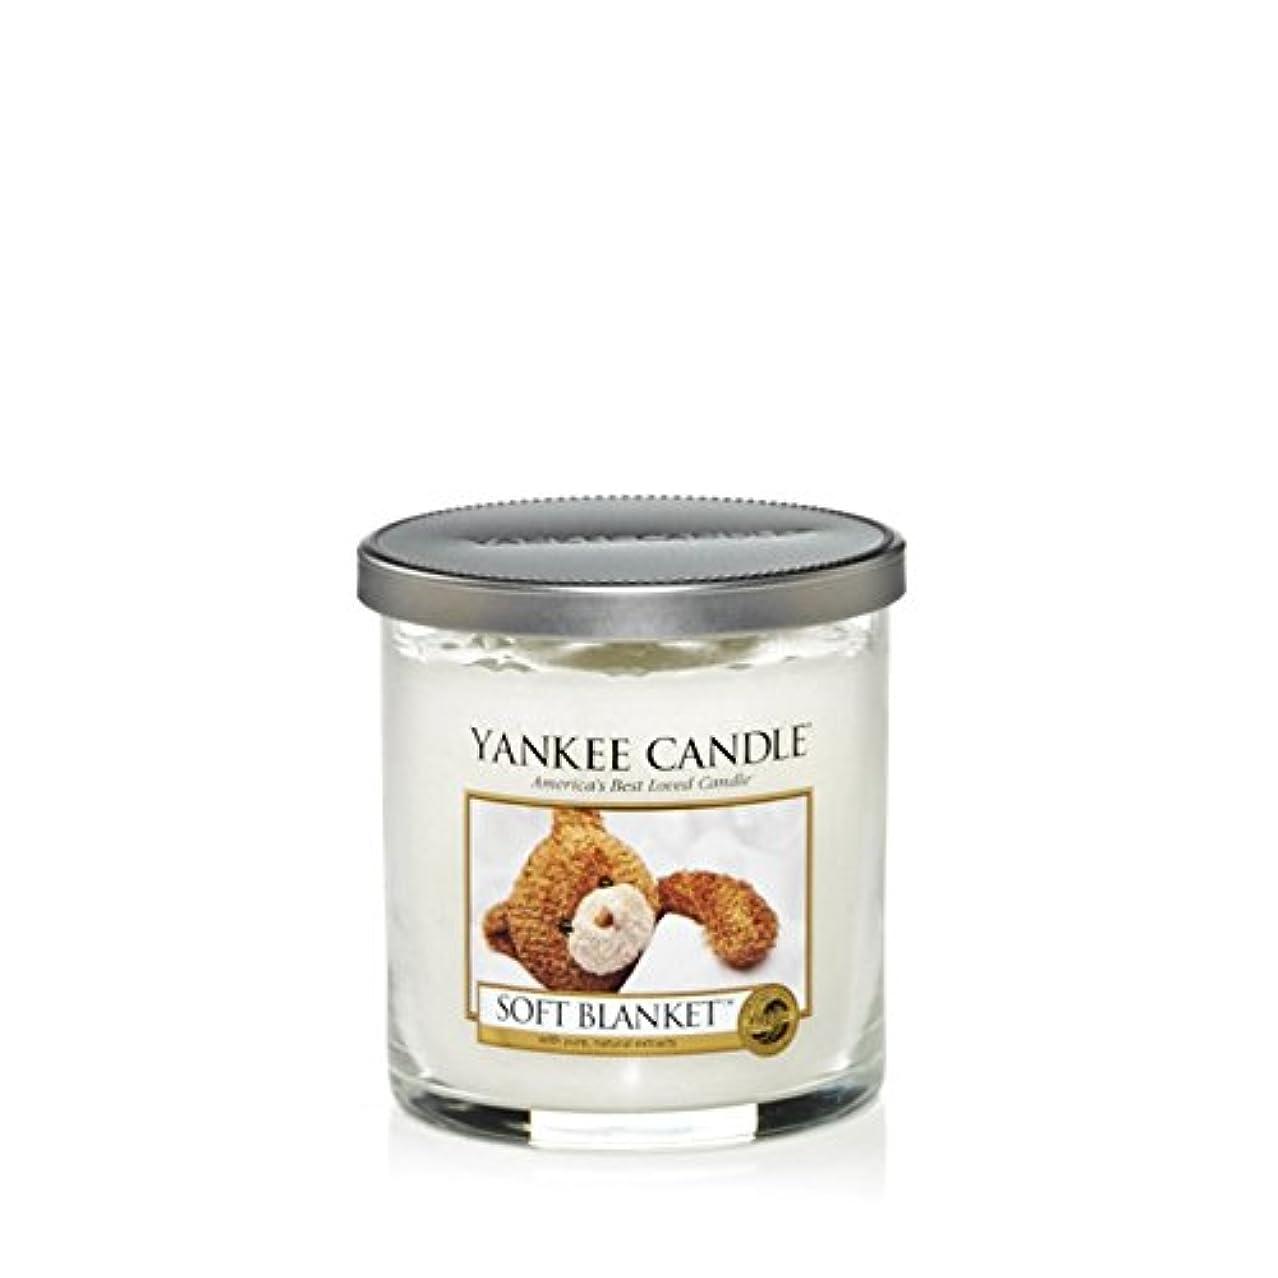 落ち着かない余暇ドキュメンタリーYankee Candles Small Pillar Candle - Soft Blanket (Pack of 2) - ヤンキーキャンドルの小さな柱キャンドル - ソフト毛布 (x2) [並行輸入品]